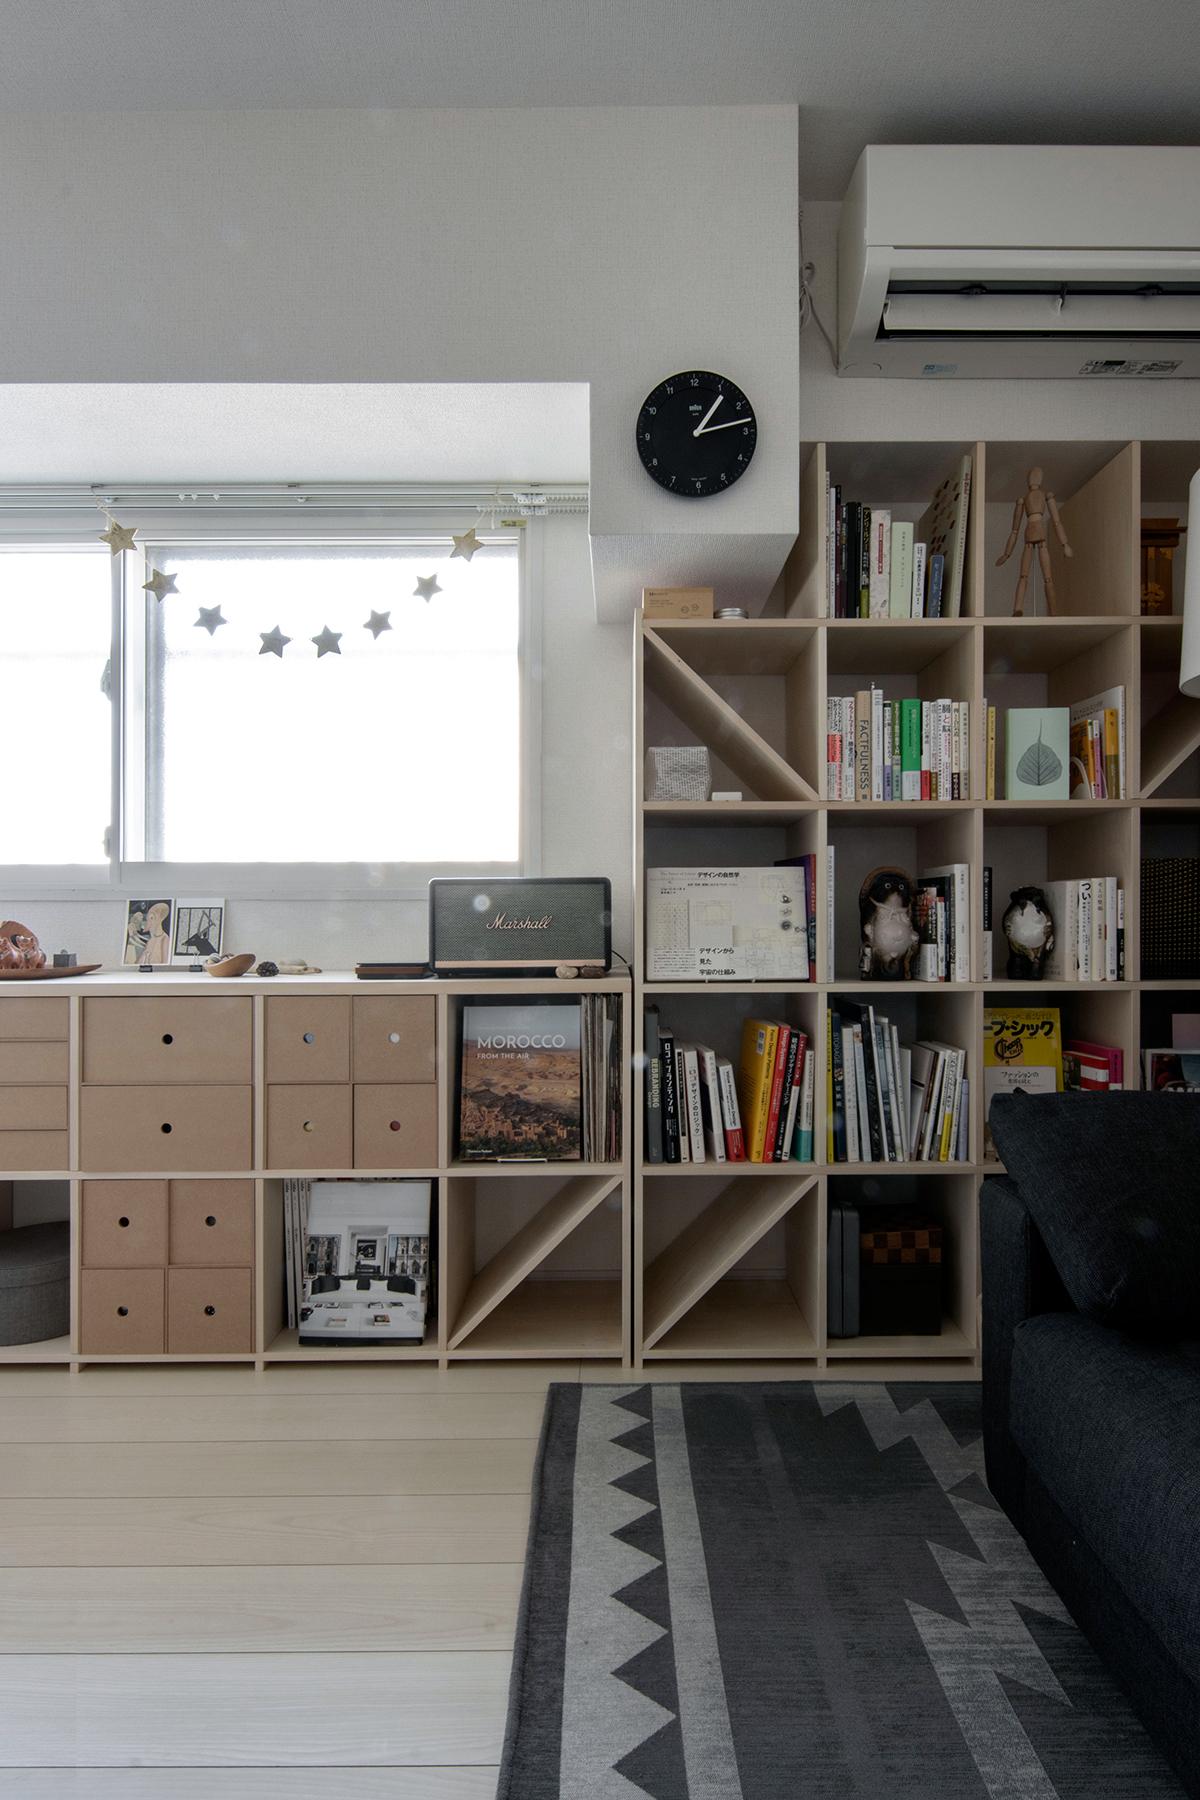 2つの本棚を組み合わせて | 壁一面の本棚 奥行350mm ロータイプ / Shelf (No.11)